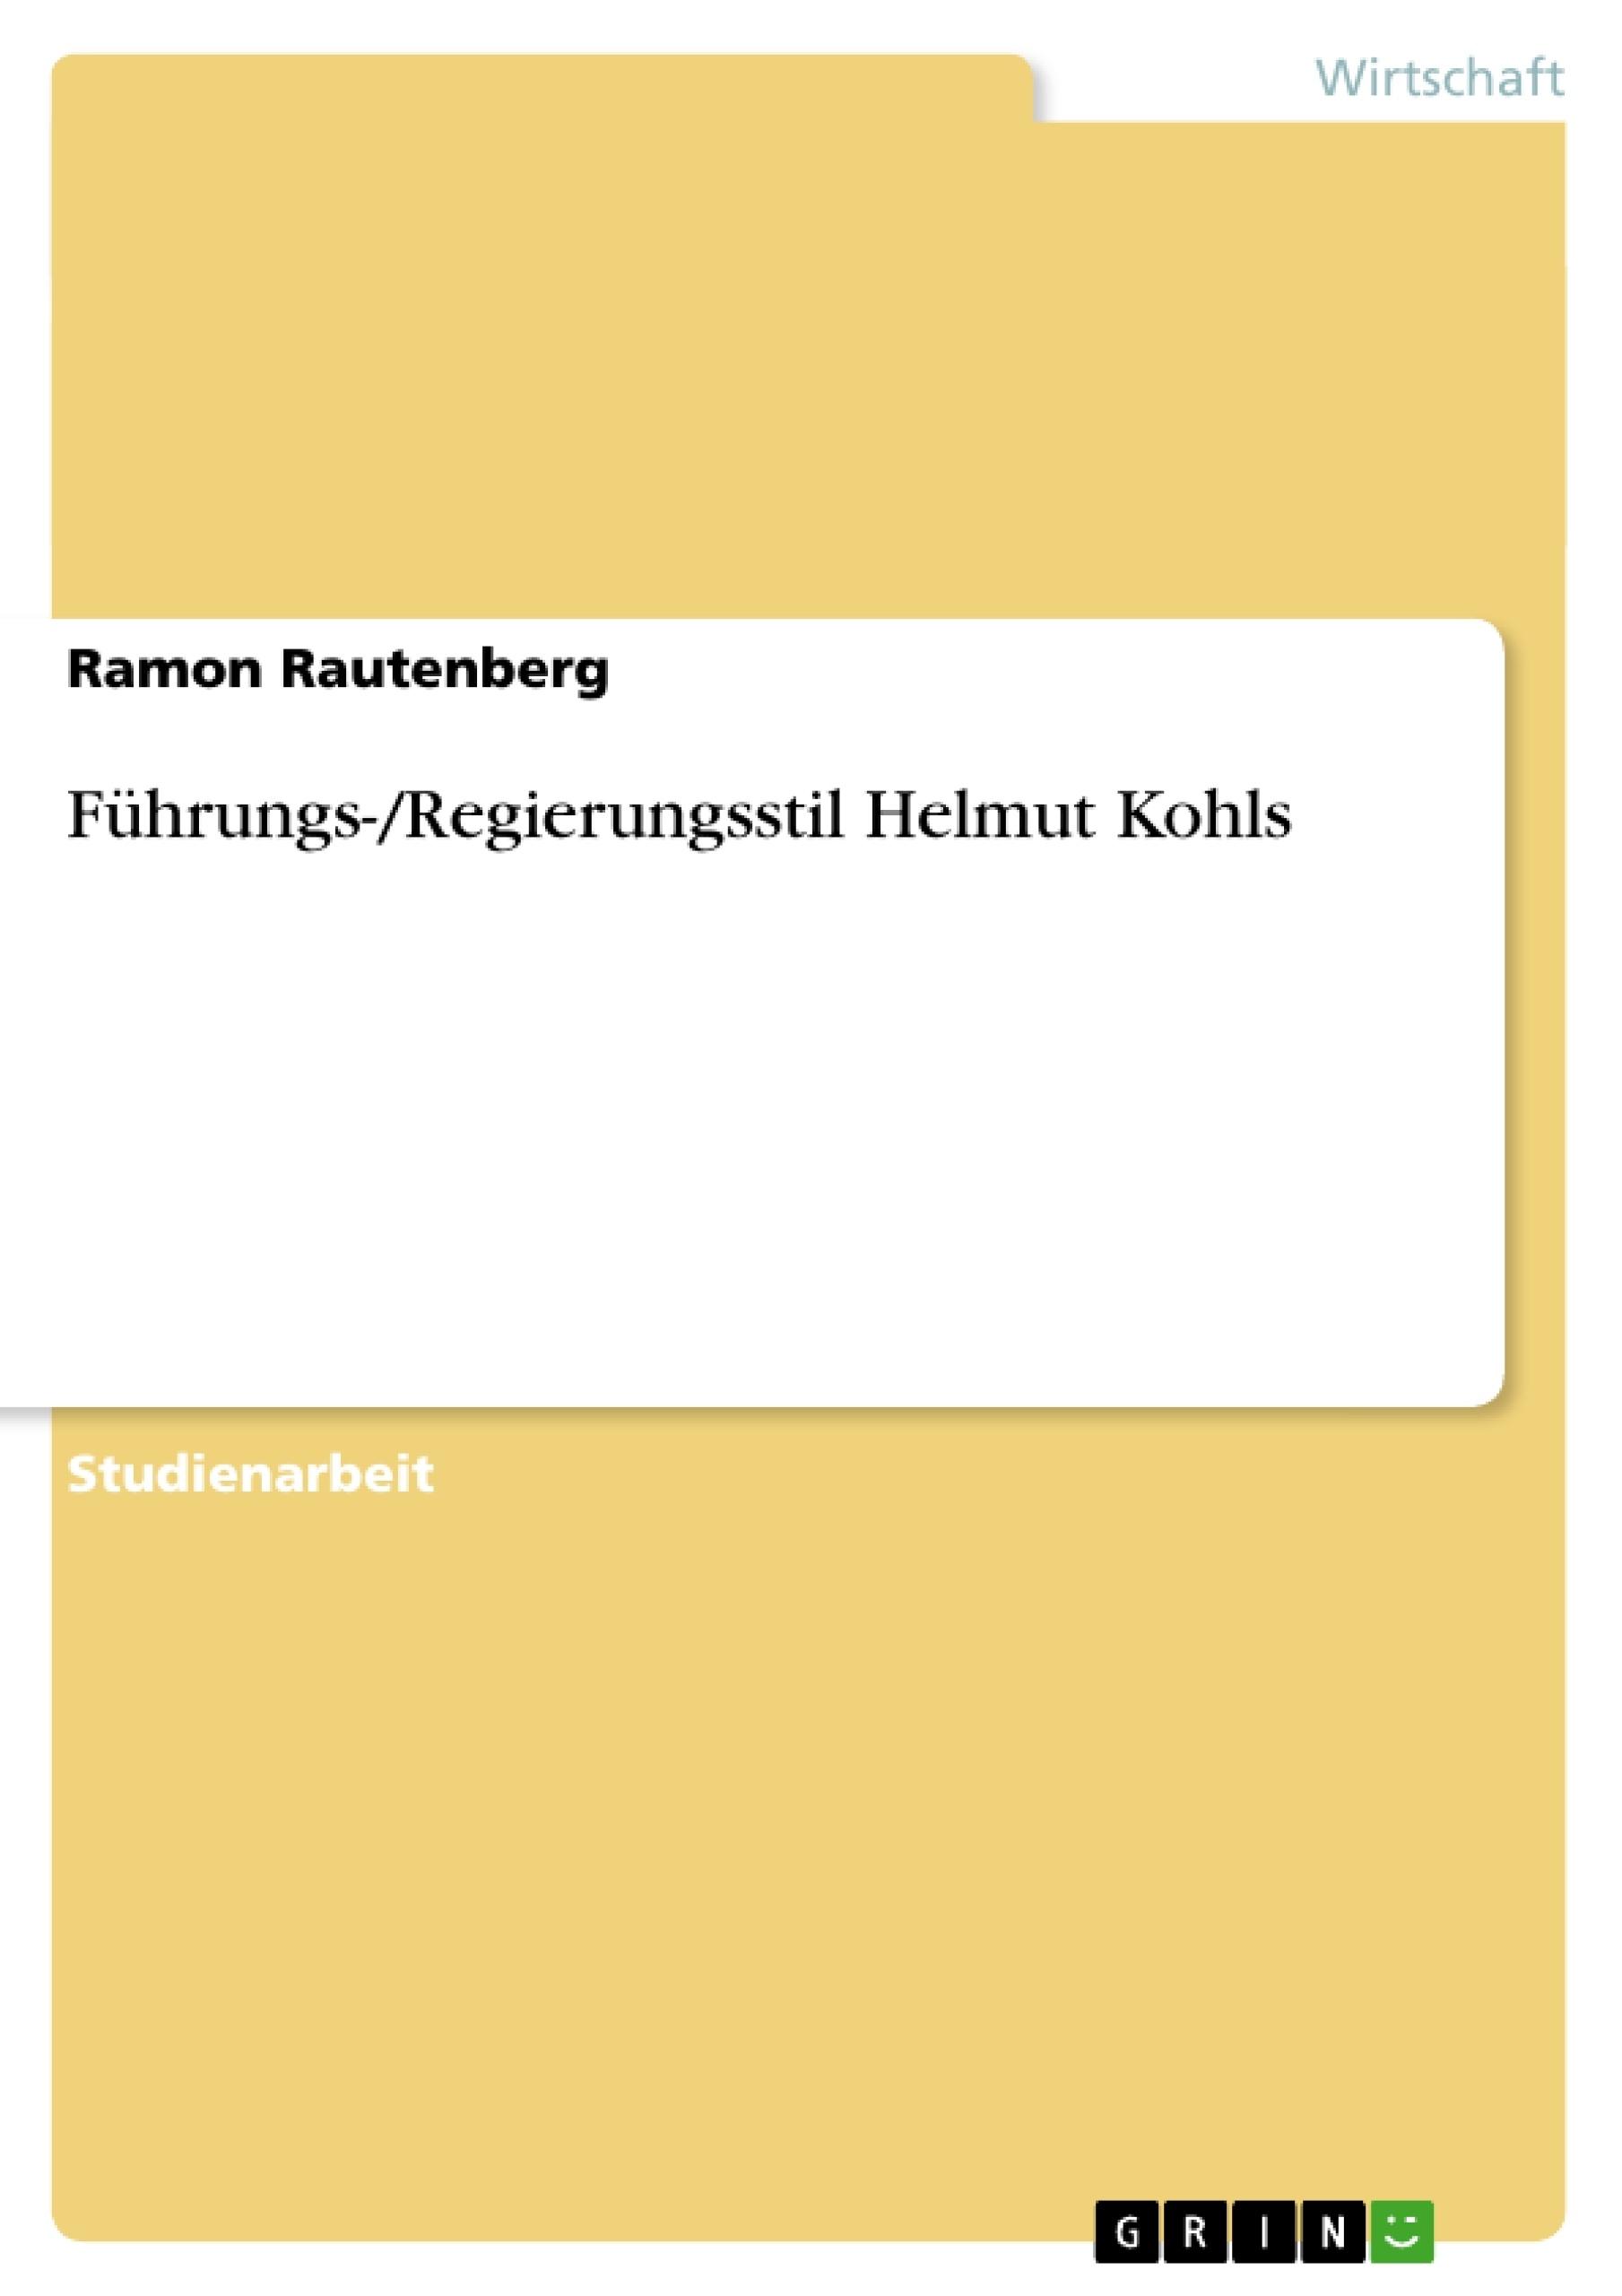 Titel: Führungs-/Regierungsstil Helmut Kohls